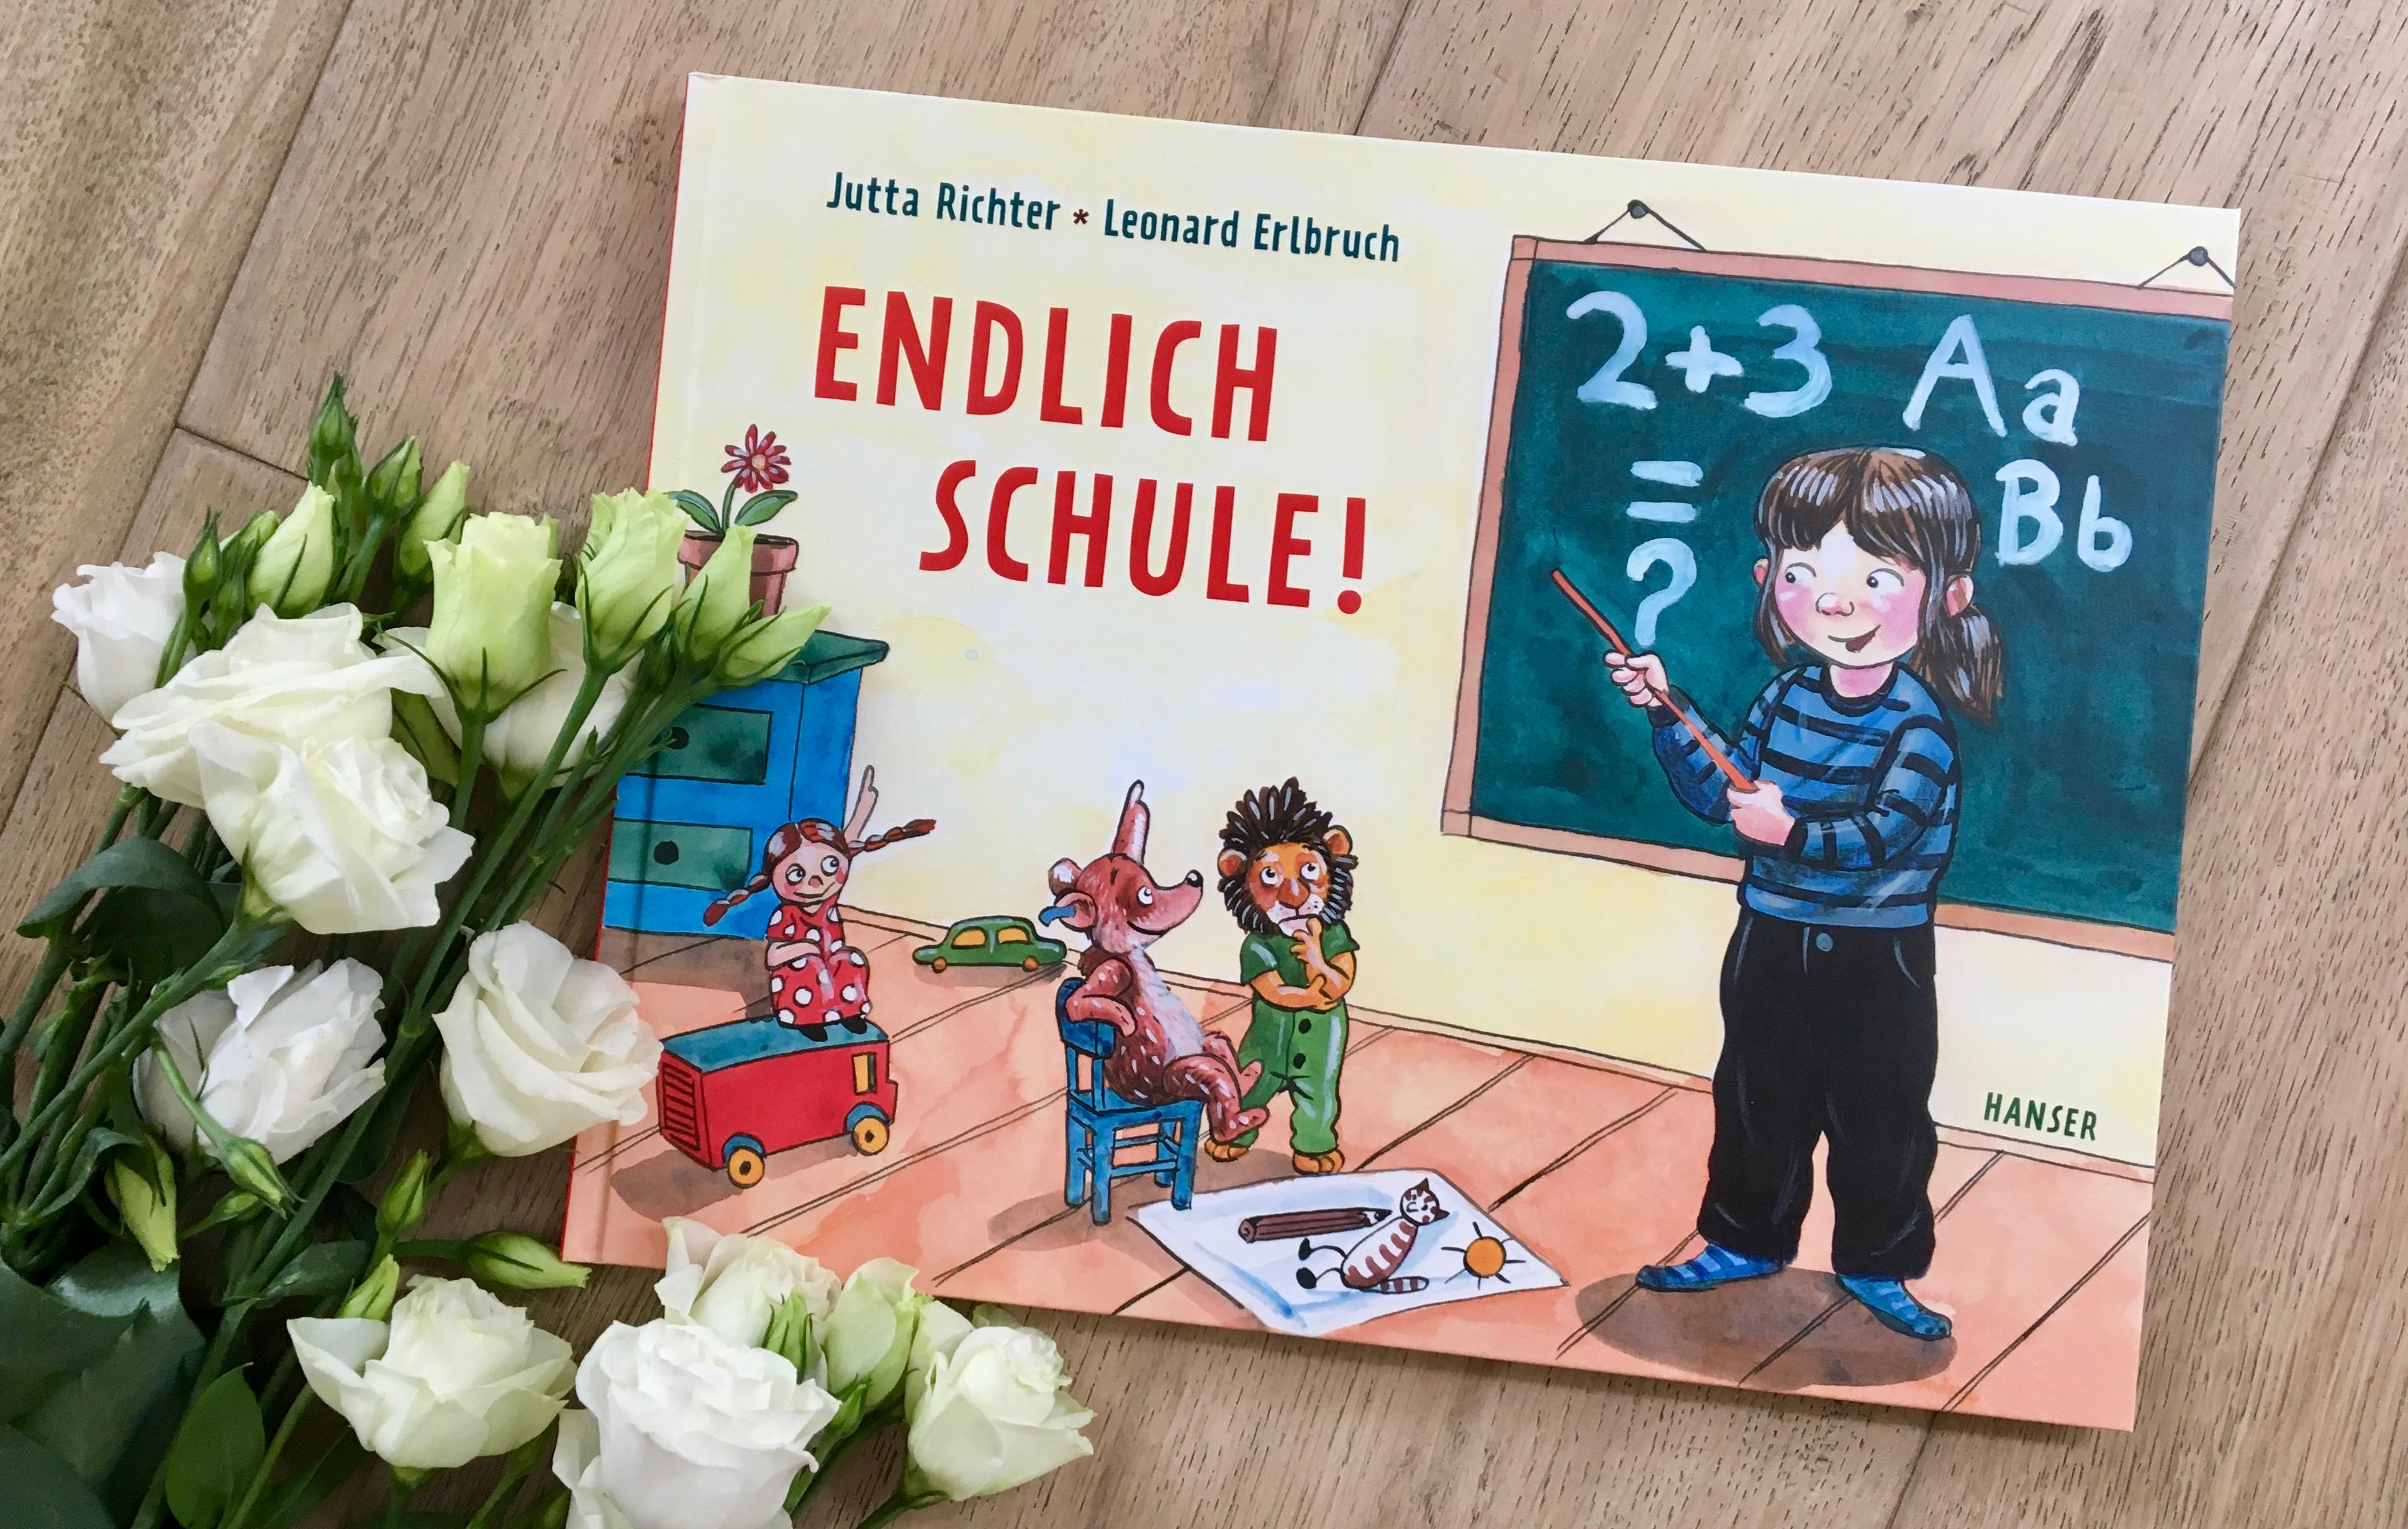 Endlich Schule! von Jutta Richter (Text) und Leonard Erlbruch (Illustration)